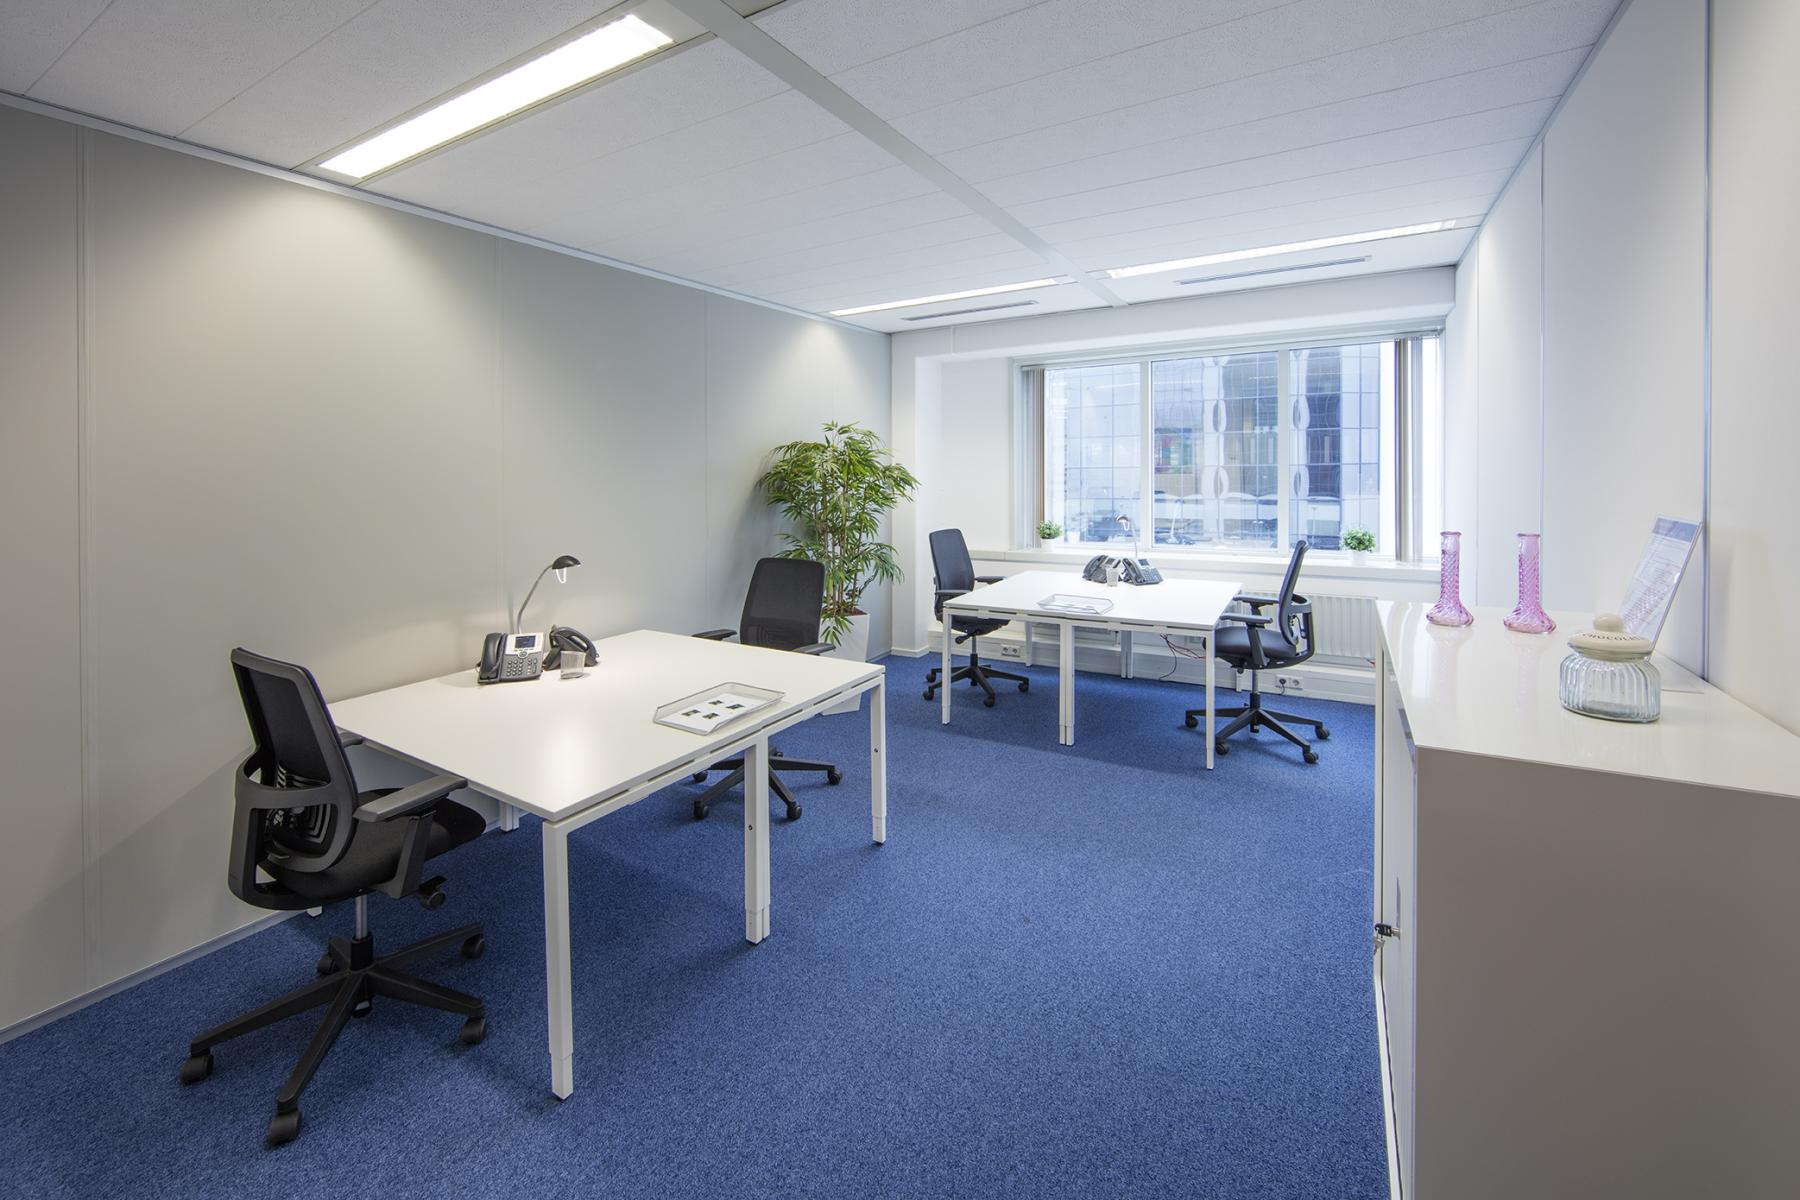 kantoor huur eindhoven centrum kantoorunit ingericht